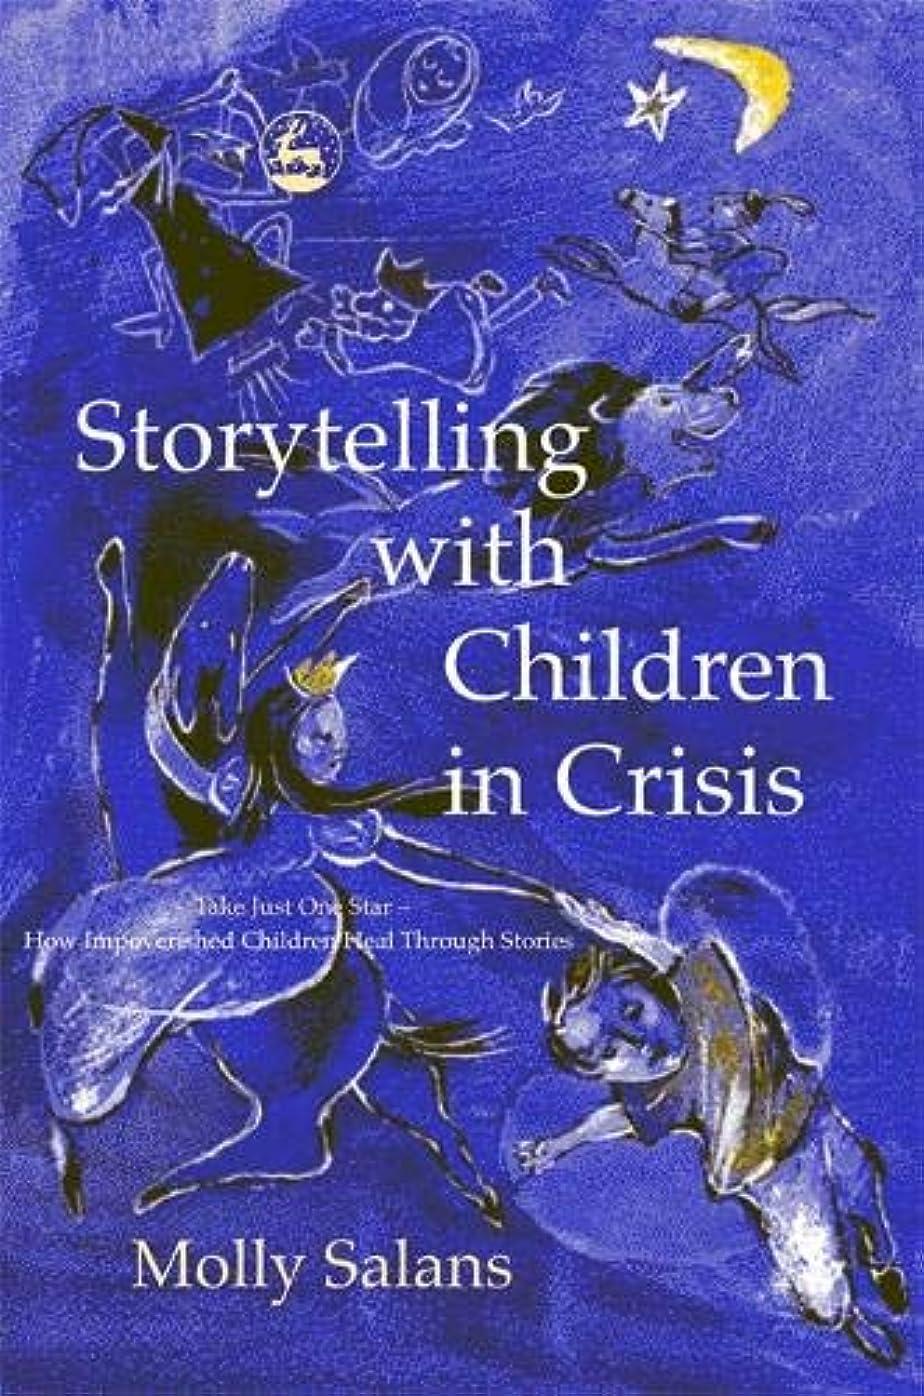 許される勝利した野菜Storytelling With Children in Crisis: Take Just One Star - How Impoverished Children Heal Through Stories